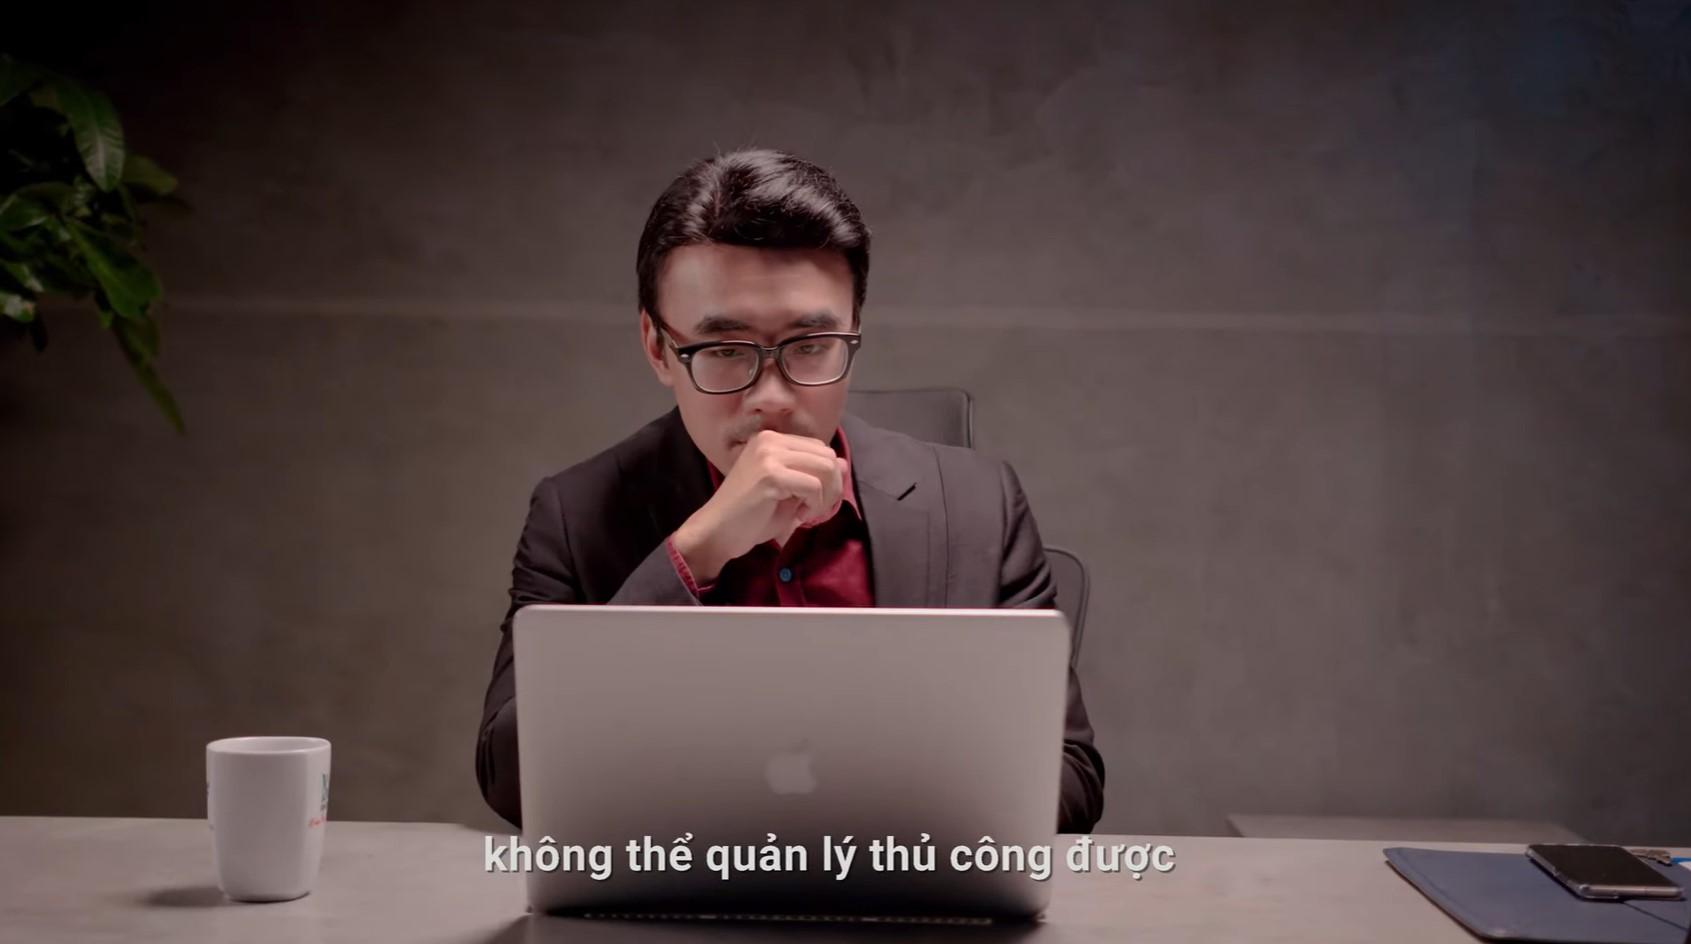 Chu Tiến Long Co-founder kiêm giám đốc kinh doanh - 2 1Office -trendsvietnam-xu hướng (2)